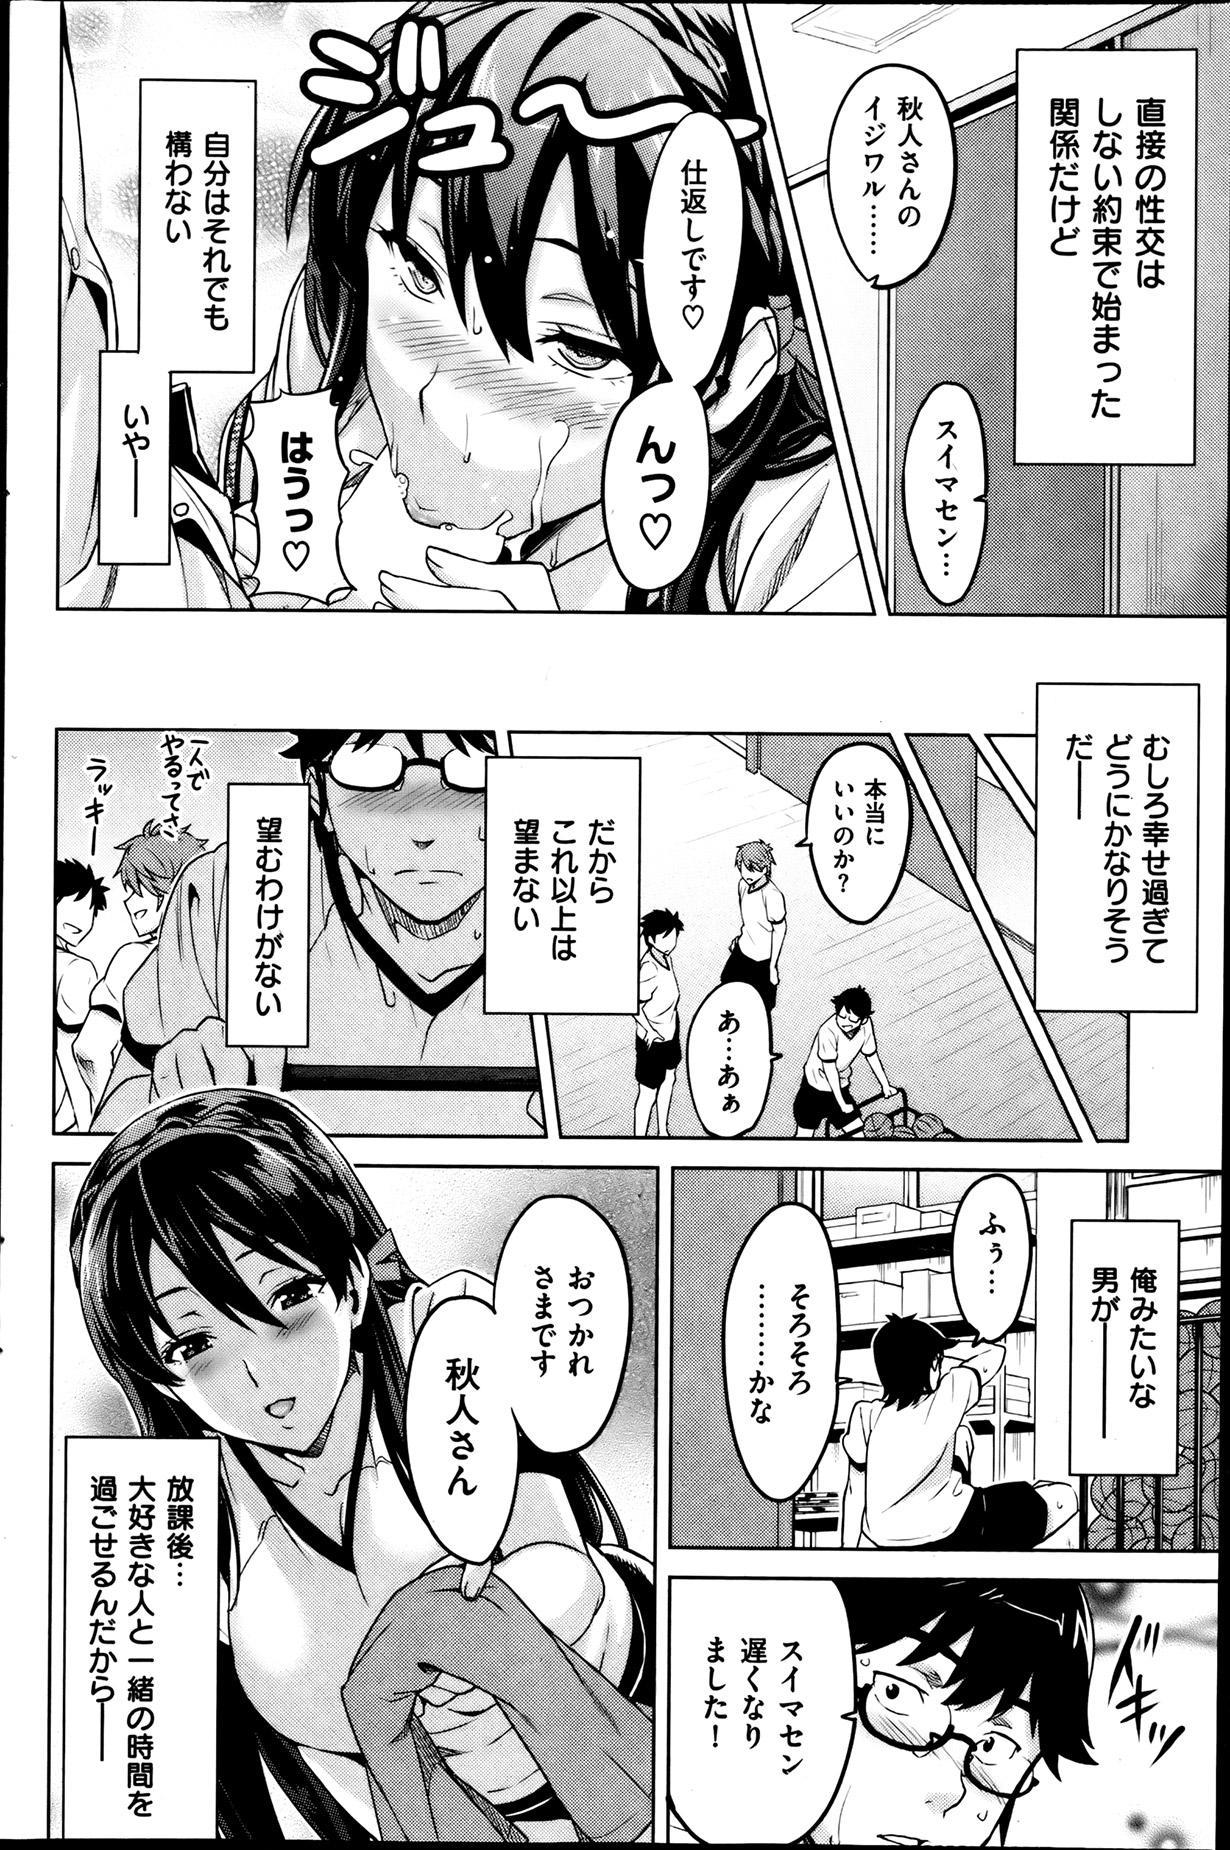 COMIC HANA-MAN 2013-08 Takeda Hiromitsu Tokushuu 169